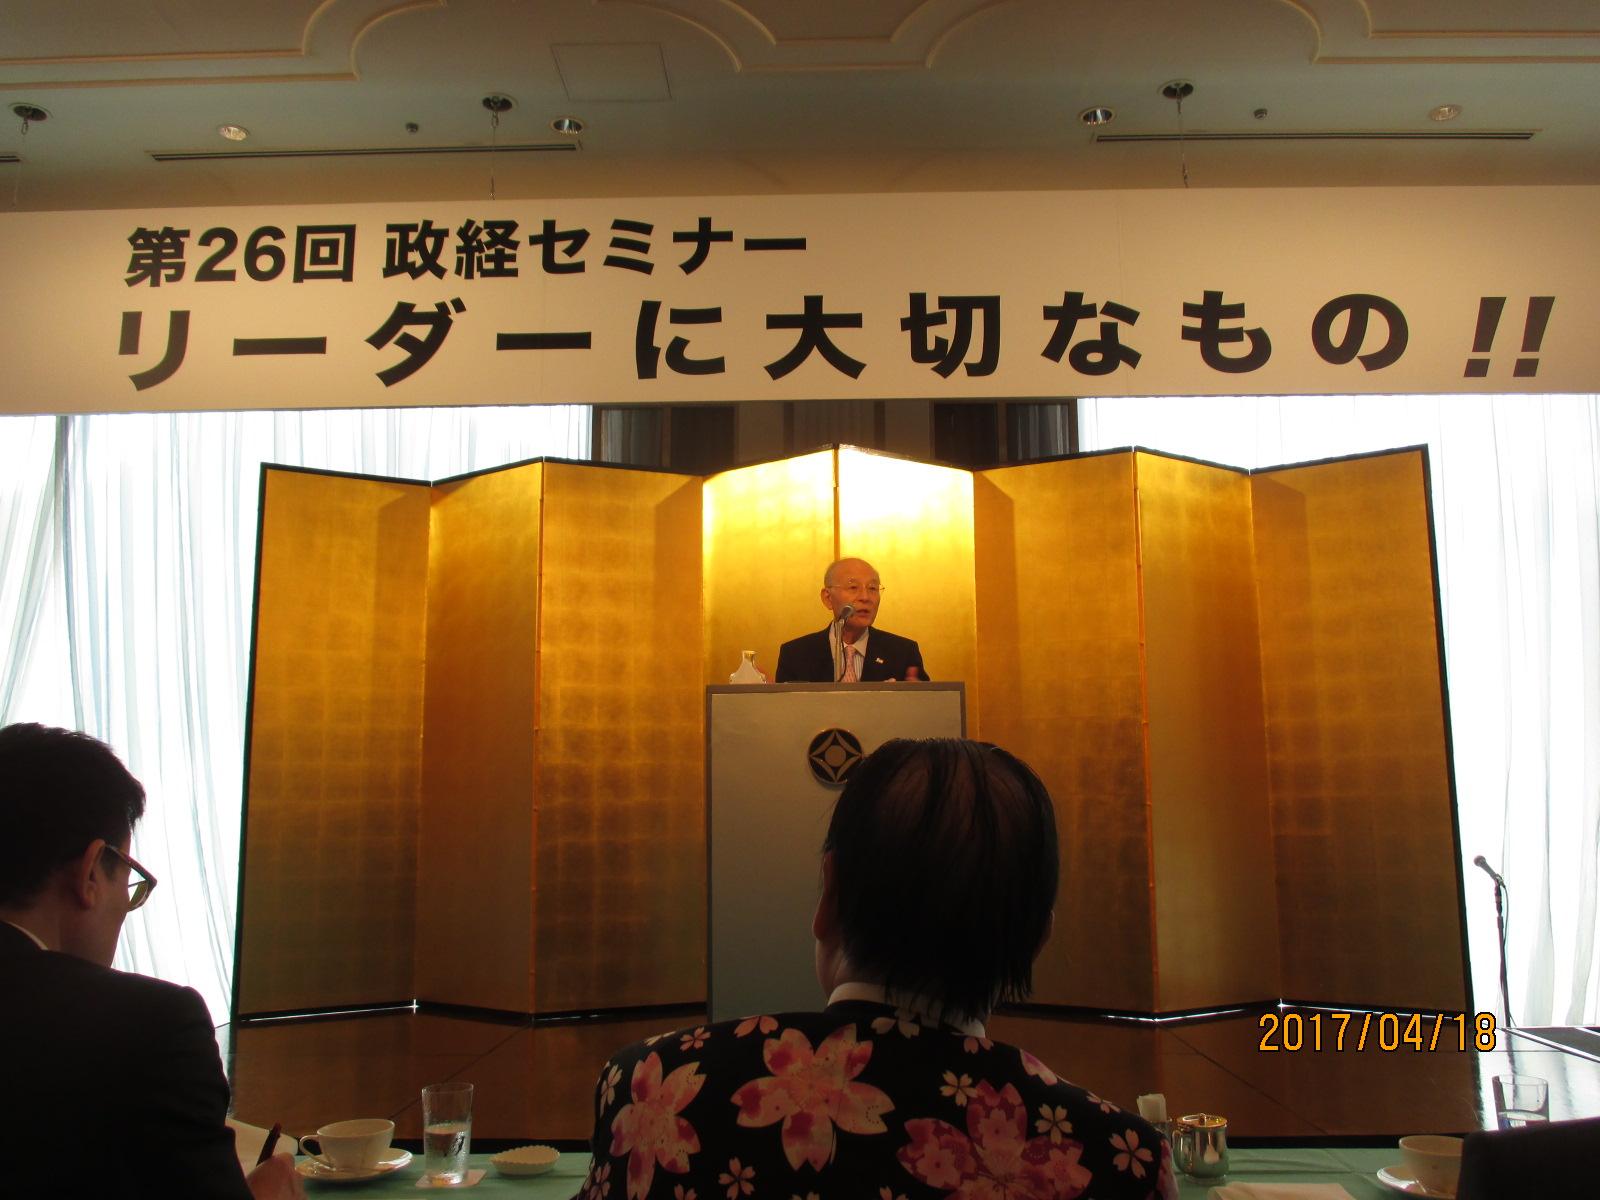 《第26回石原伸晃政経セミナーに参加しました》